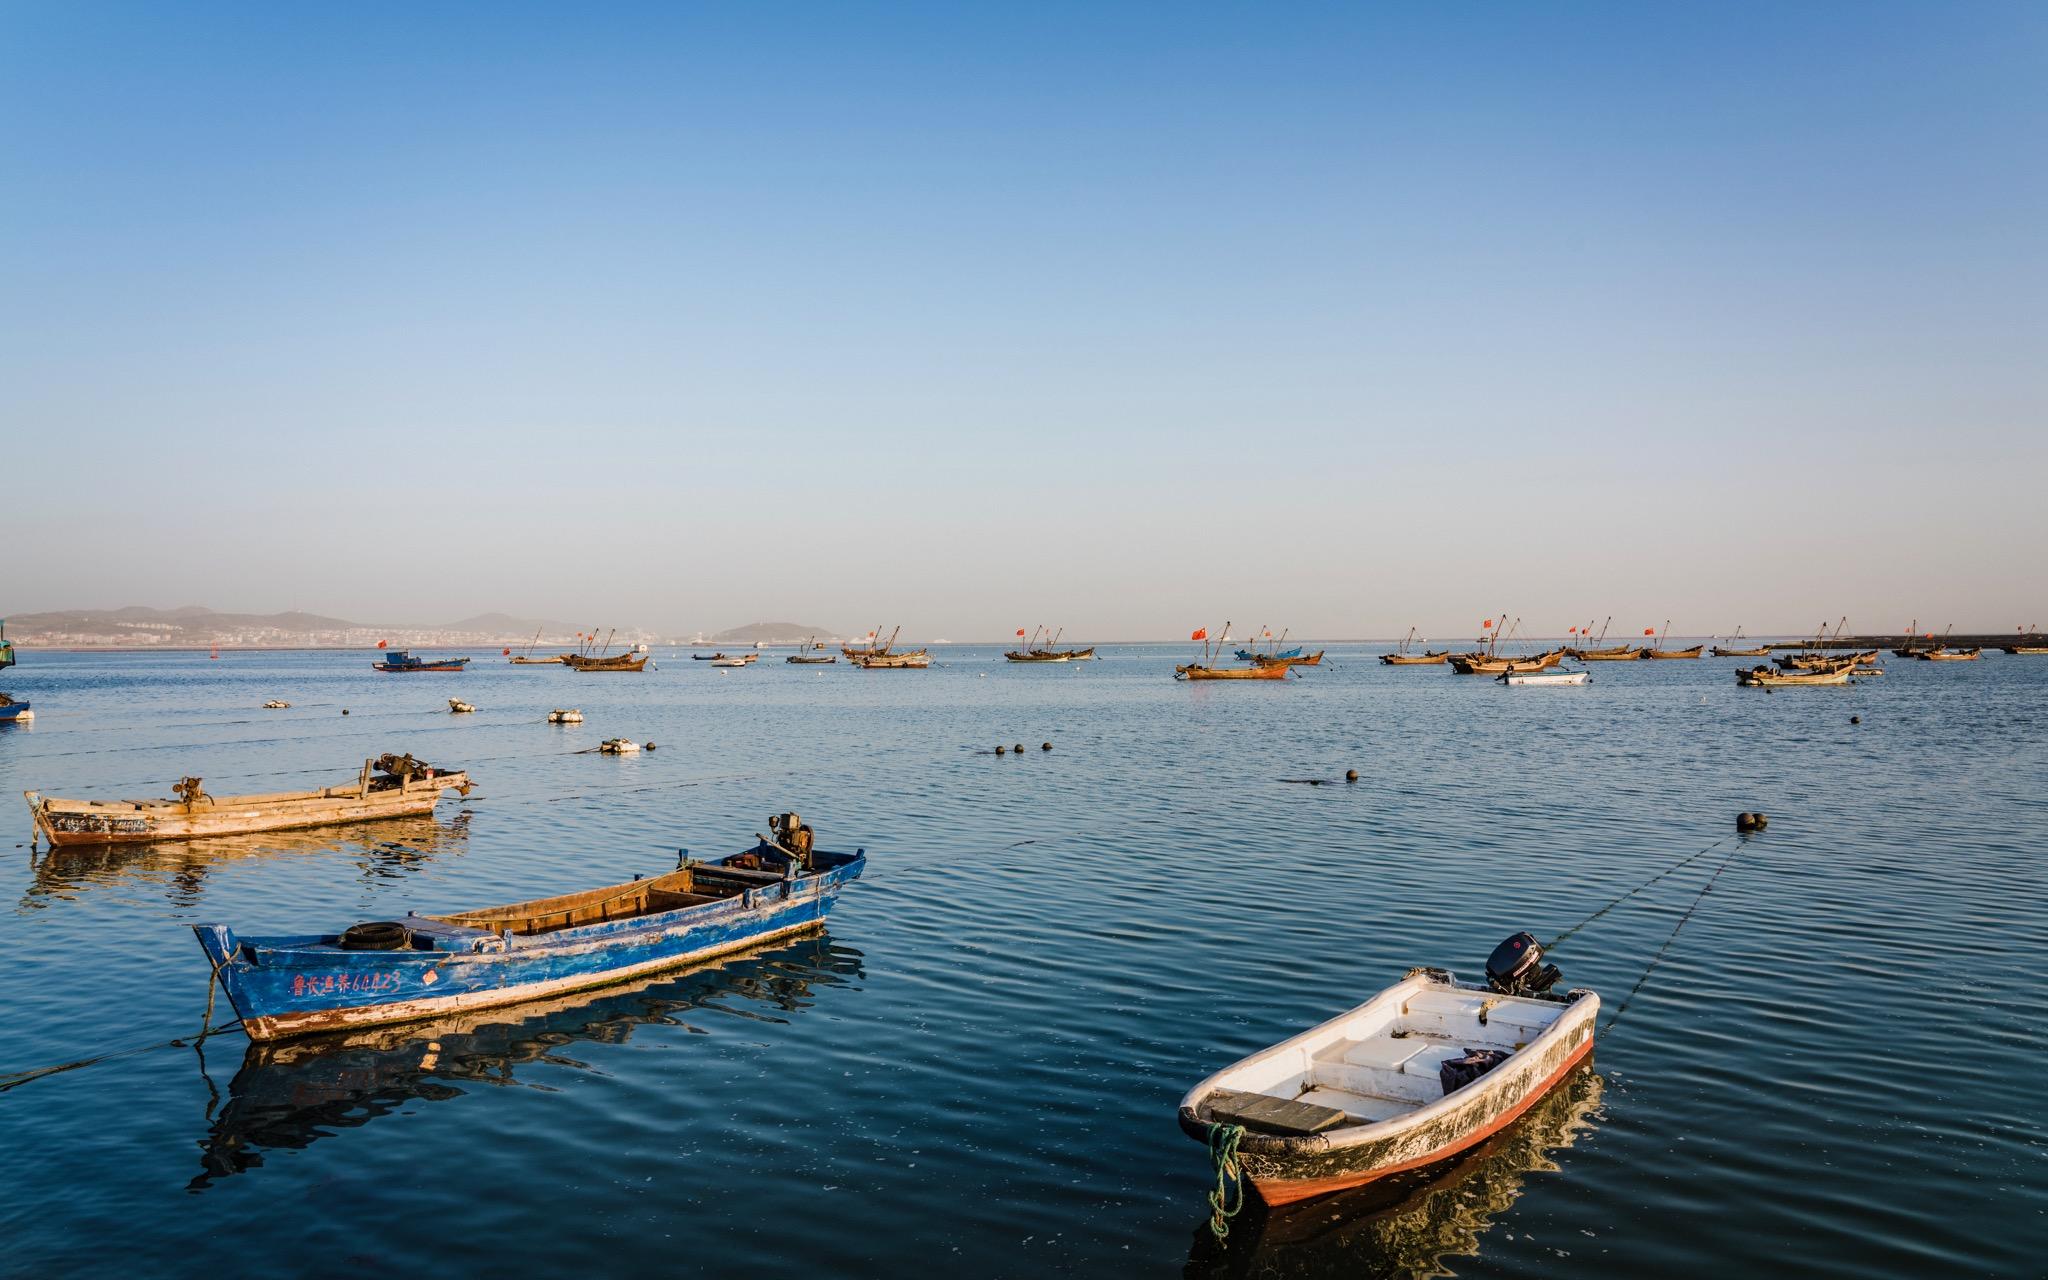 庙岛港口的渔船